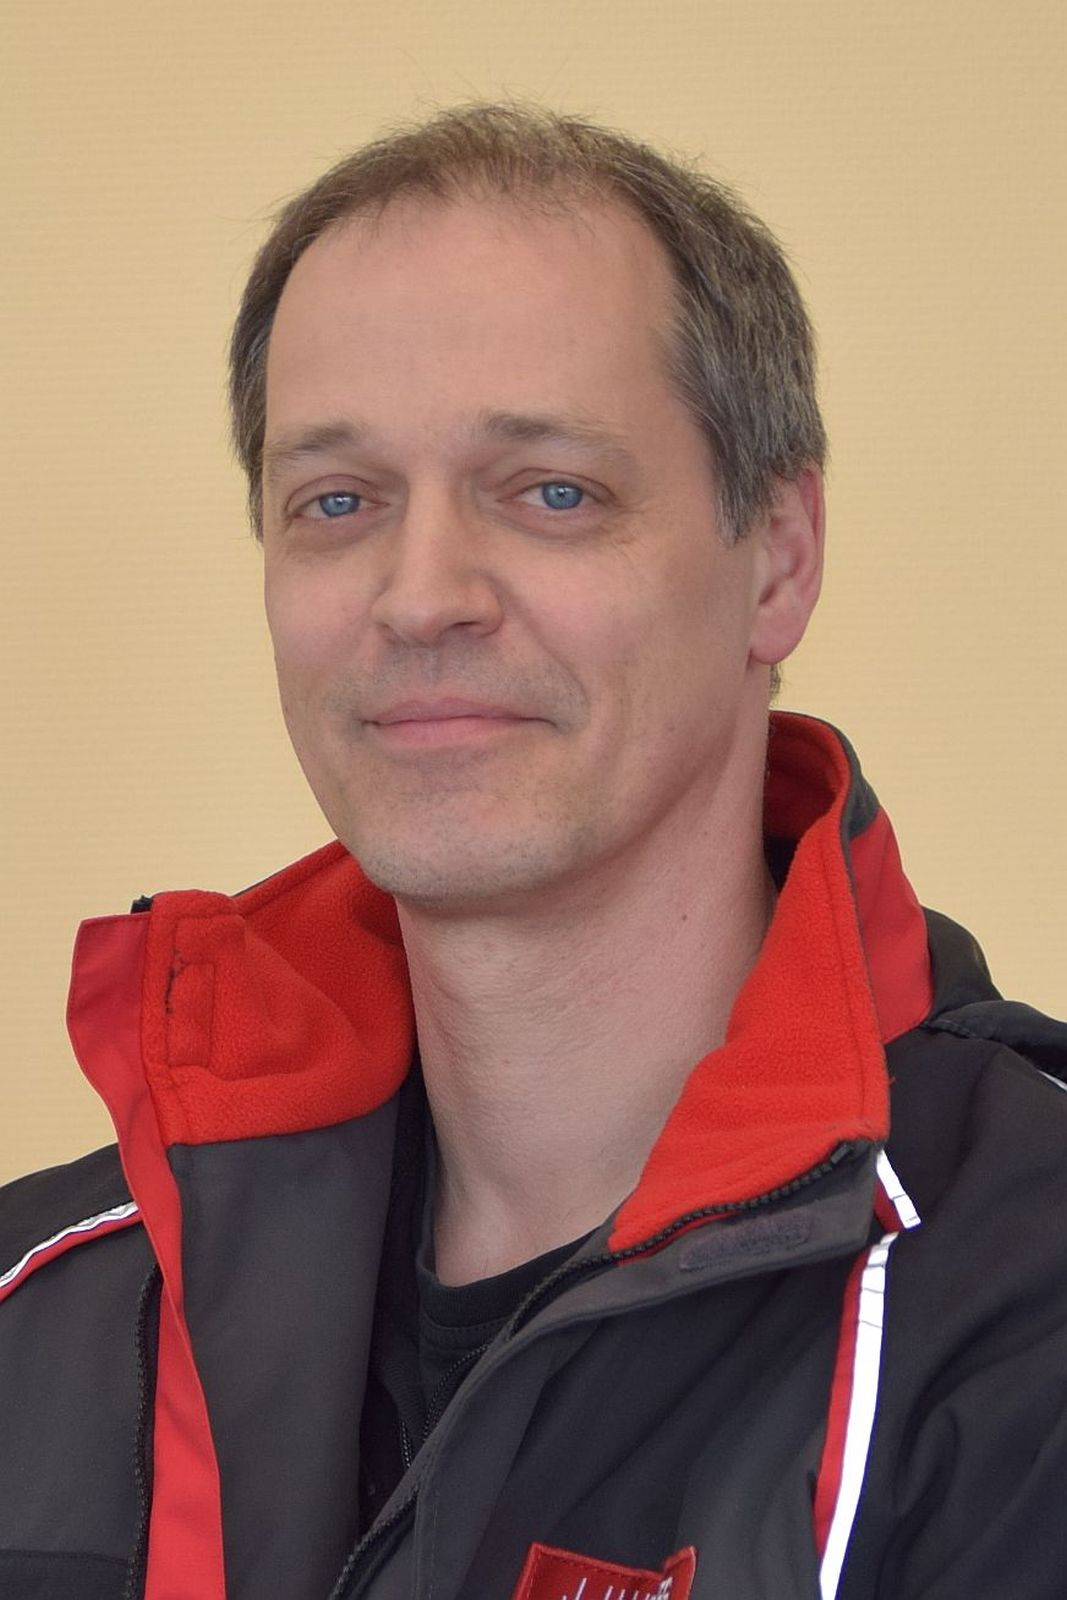 GTÜ Lütz GmbH • Mitarbeiter Stefan Maxeiner